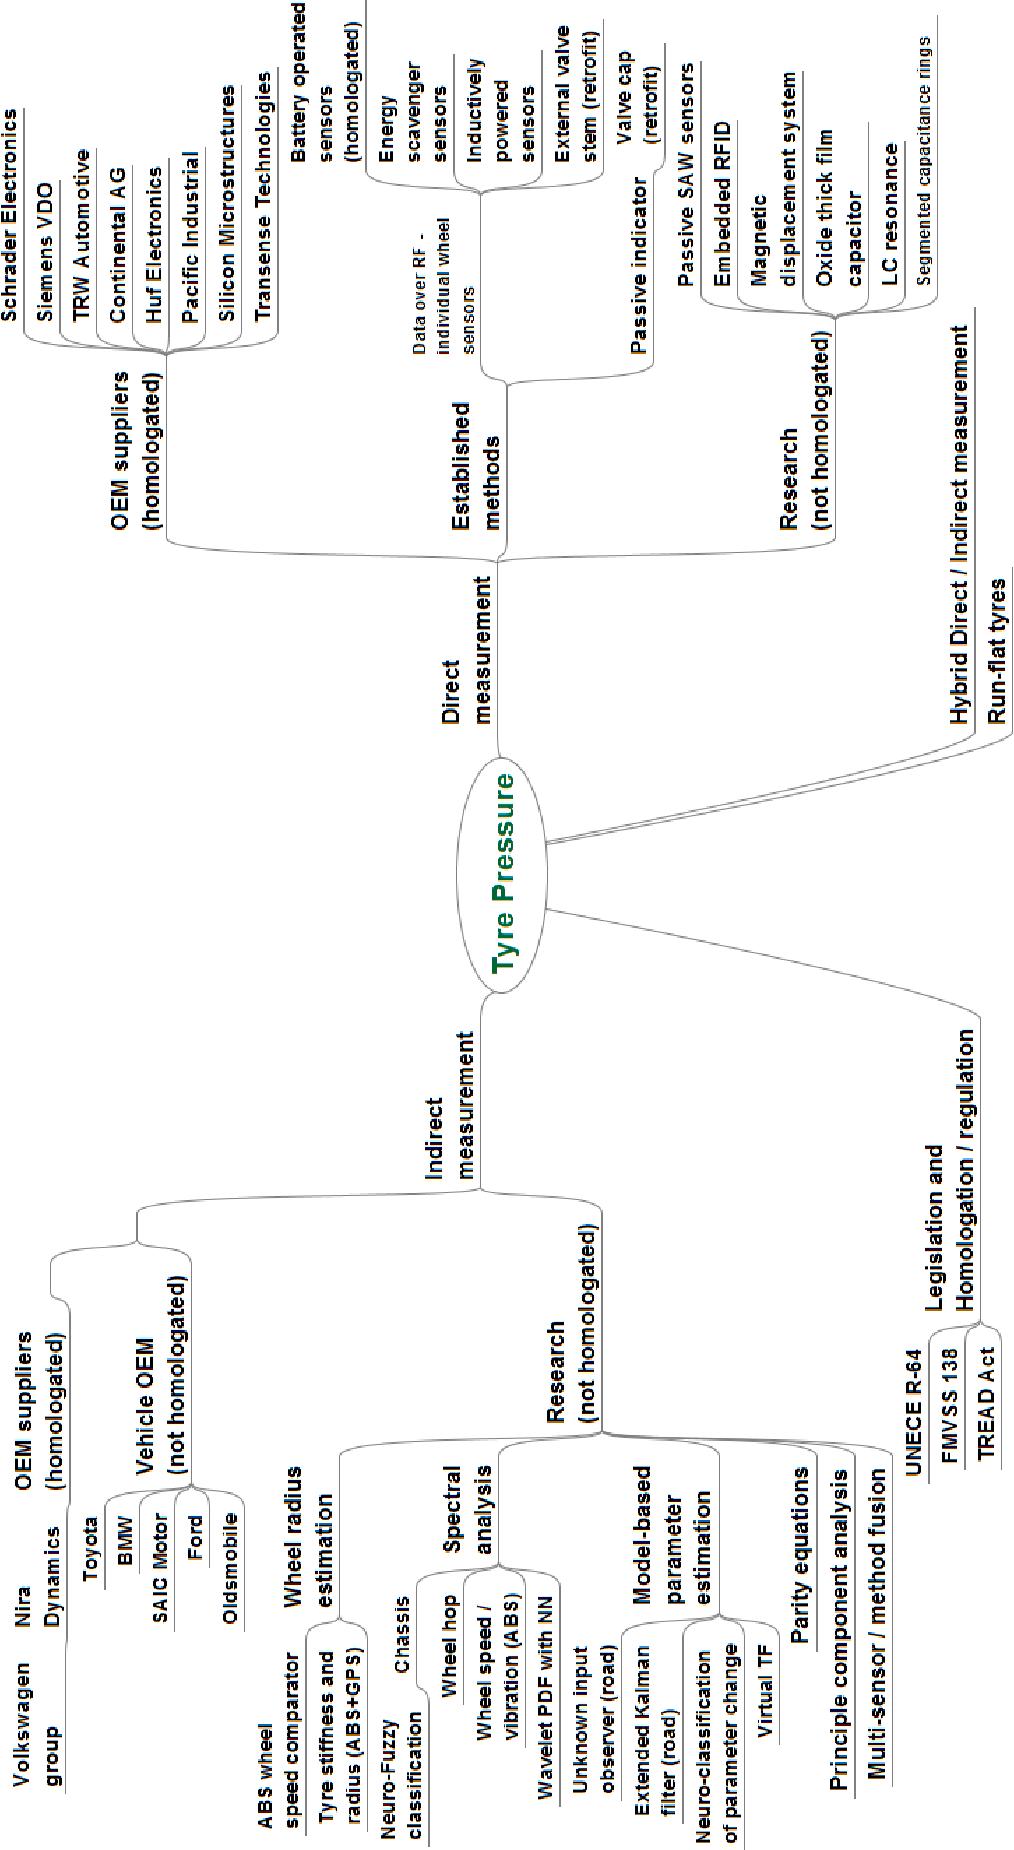 PDF] Automotive tyre fault detection - Semantic Scholar